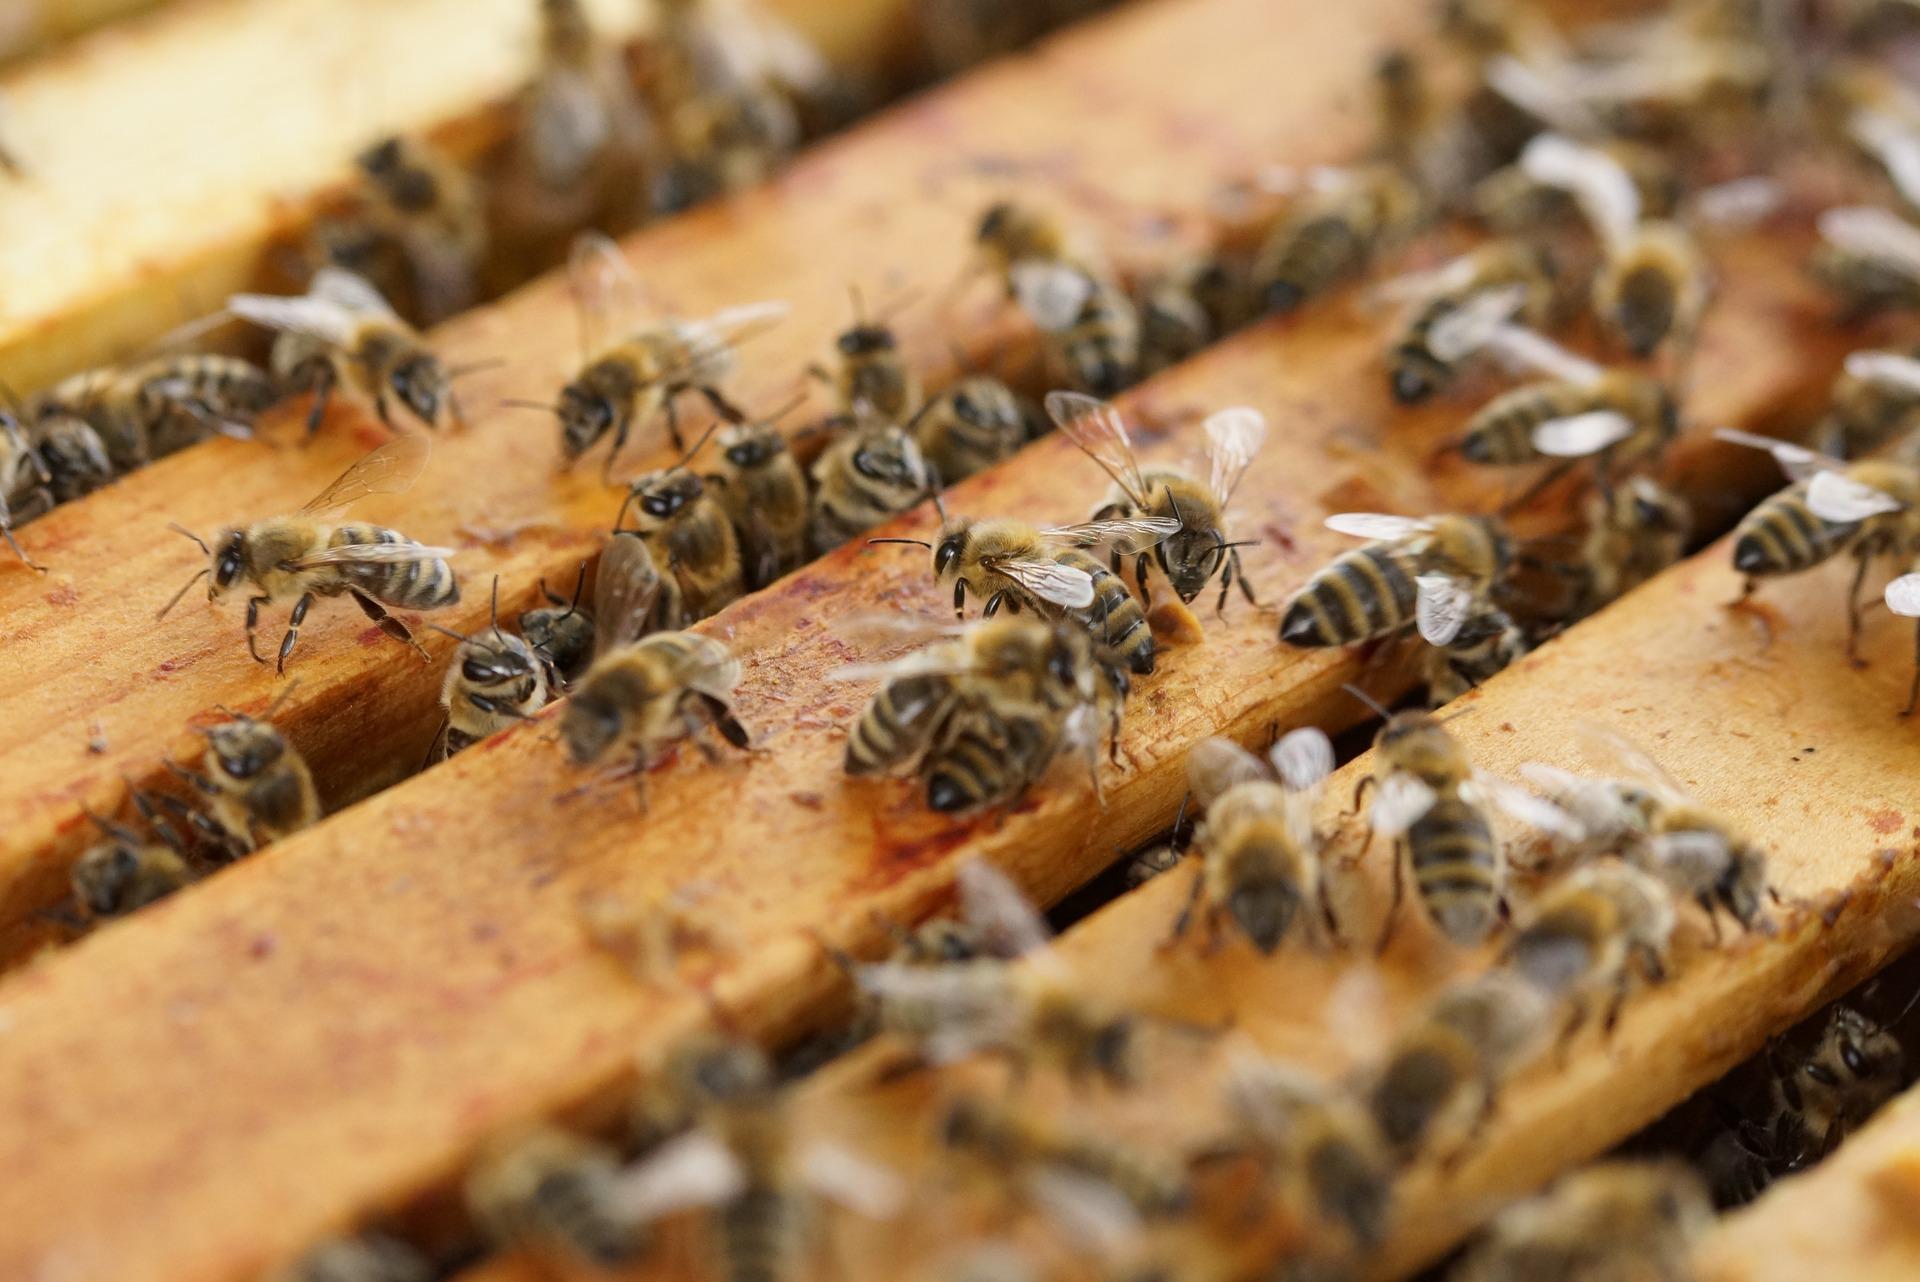 beehive-1143380_1920.jpg